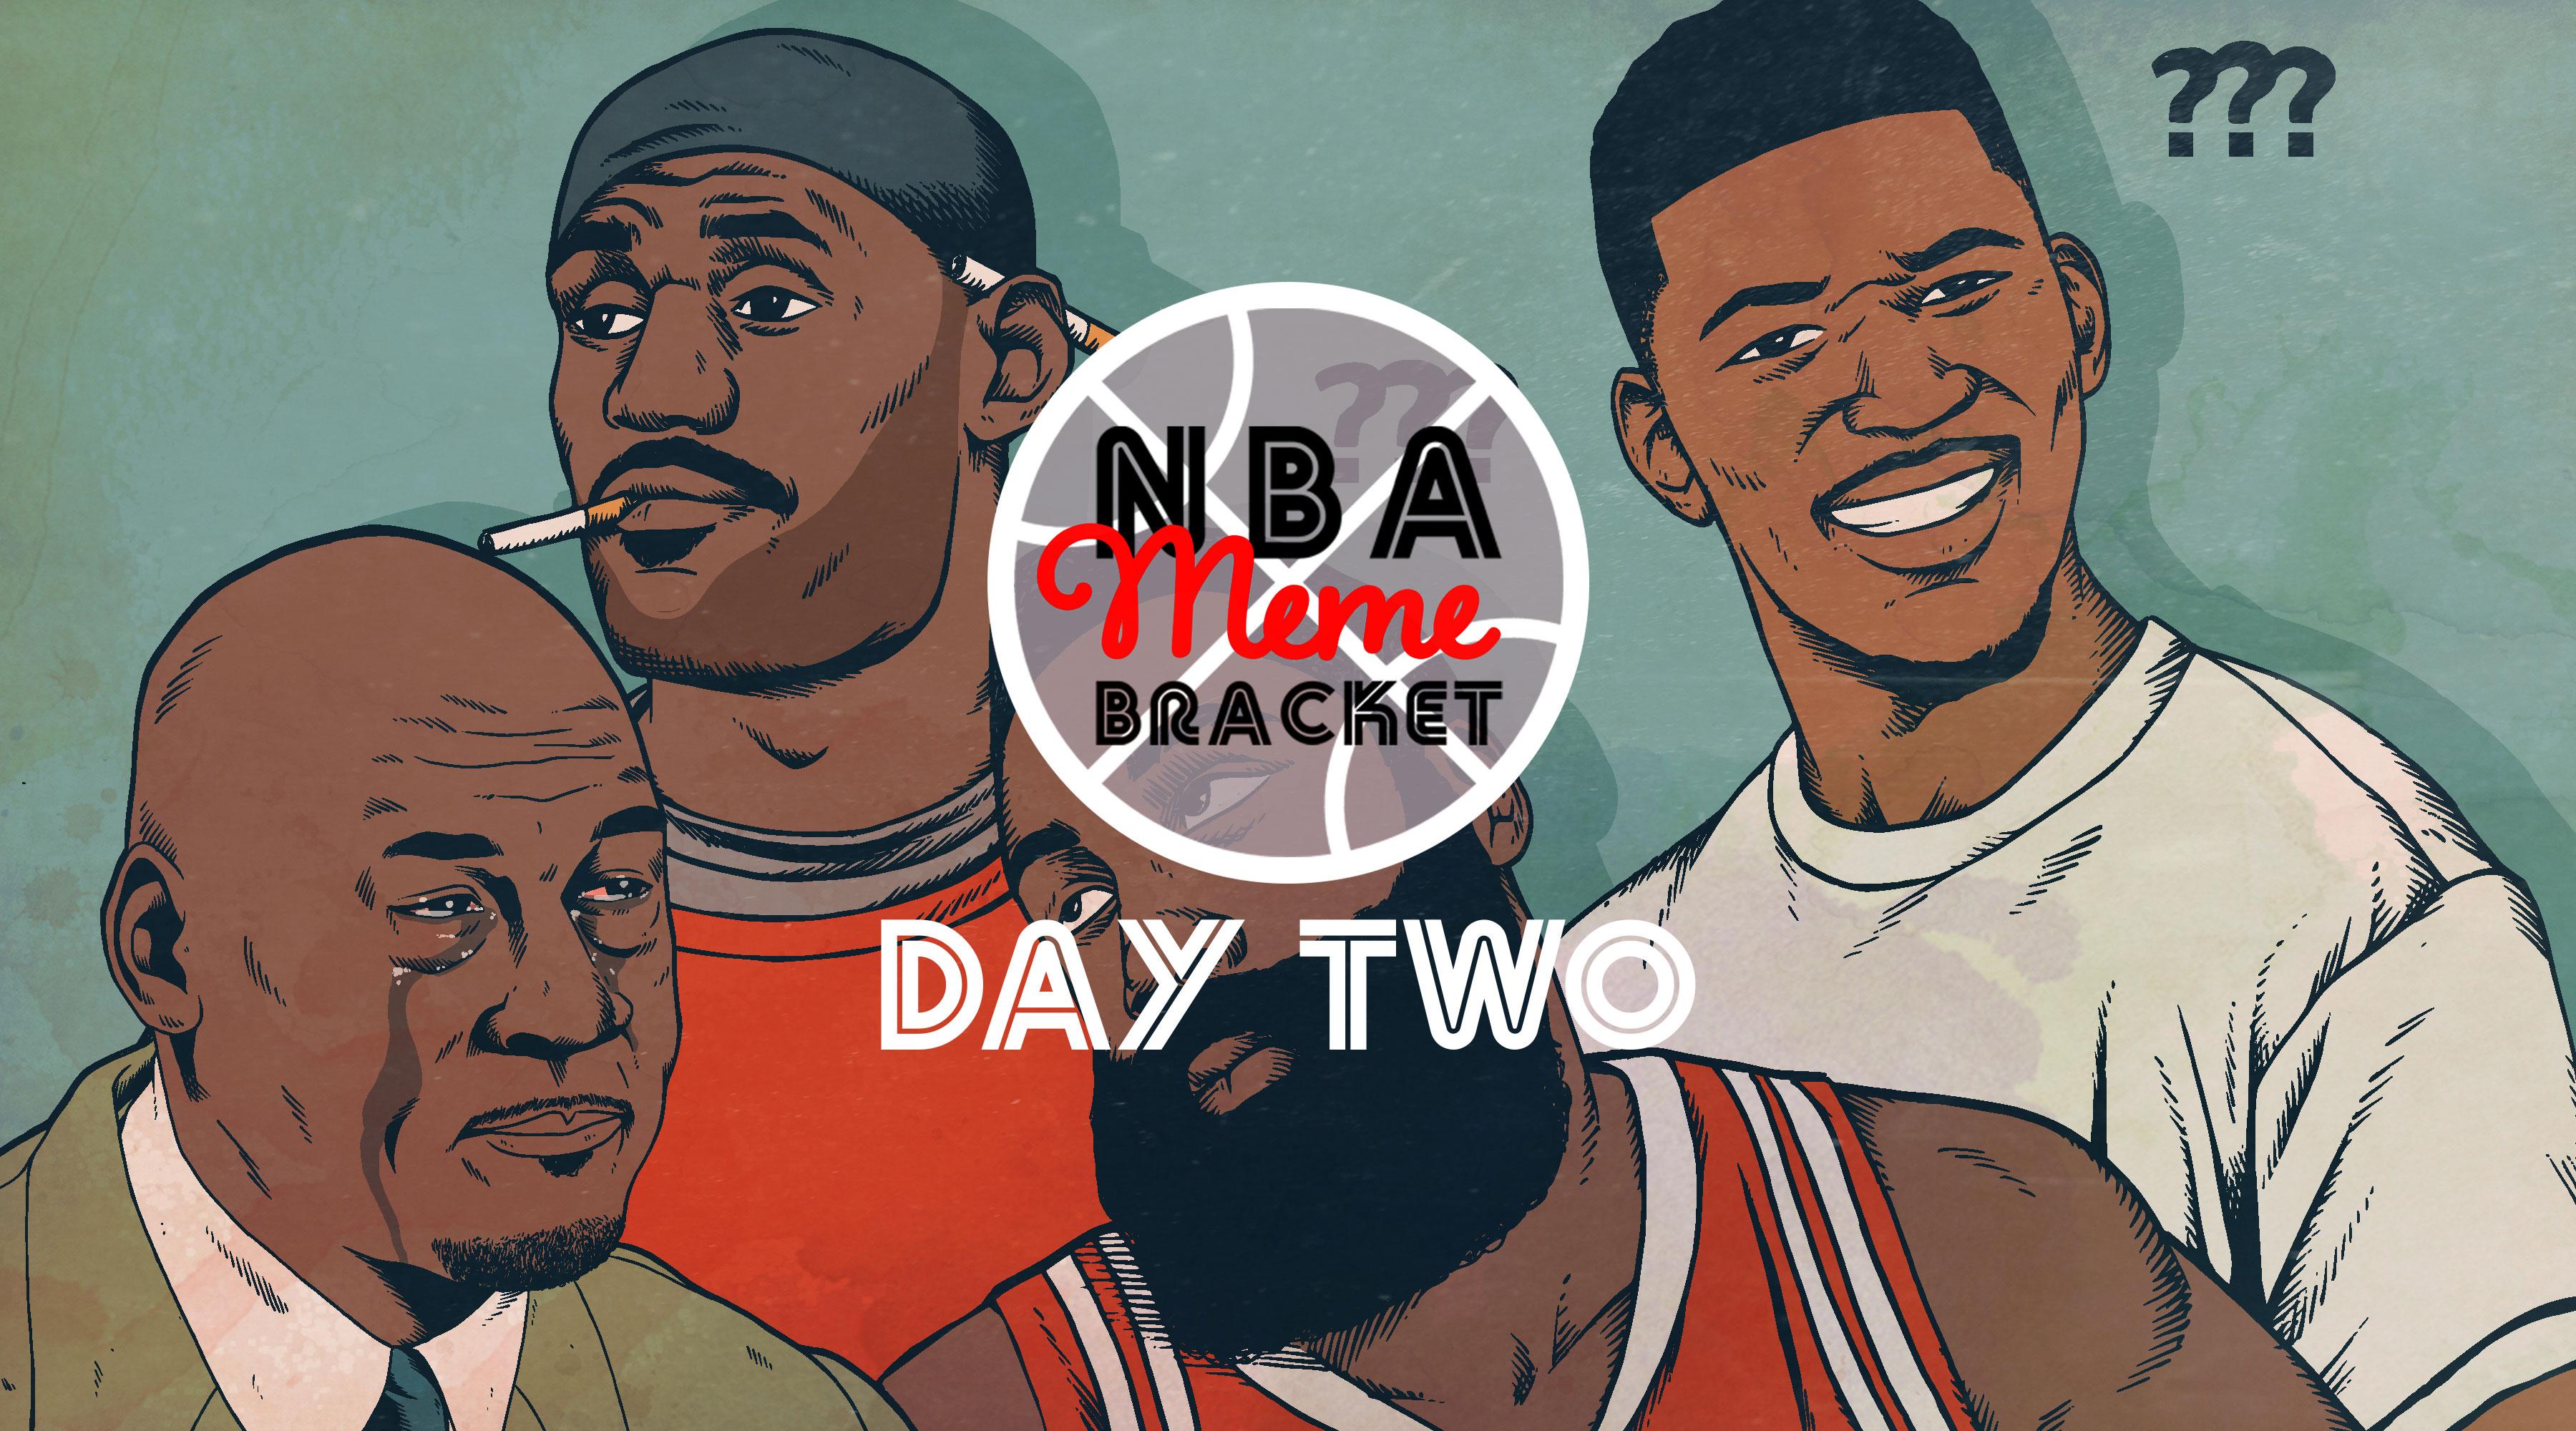 679c3f835adb Day 2 of the NBA Meme Bracket - The Ringer